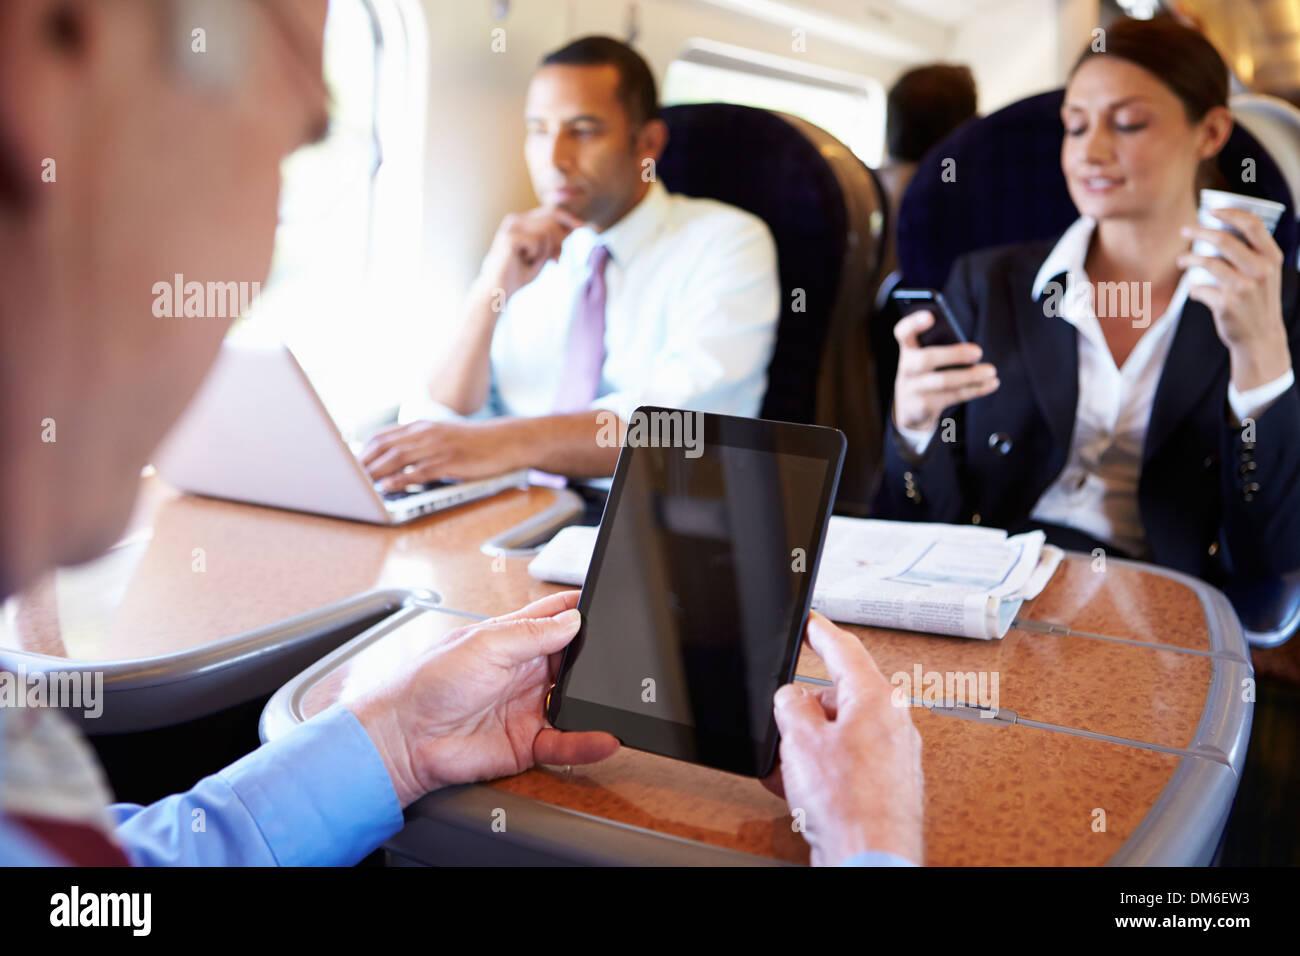 Empresarios en tren utilizando dispositivos digitales Foto de stock